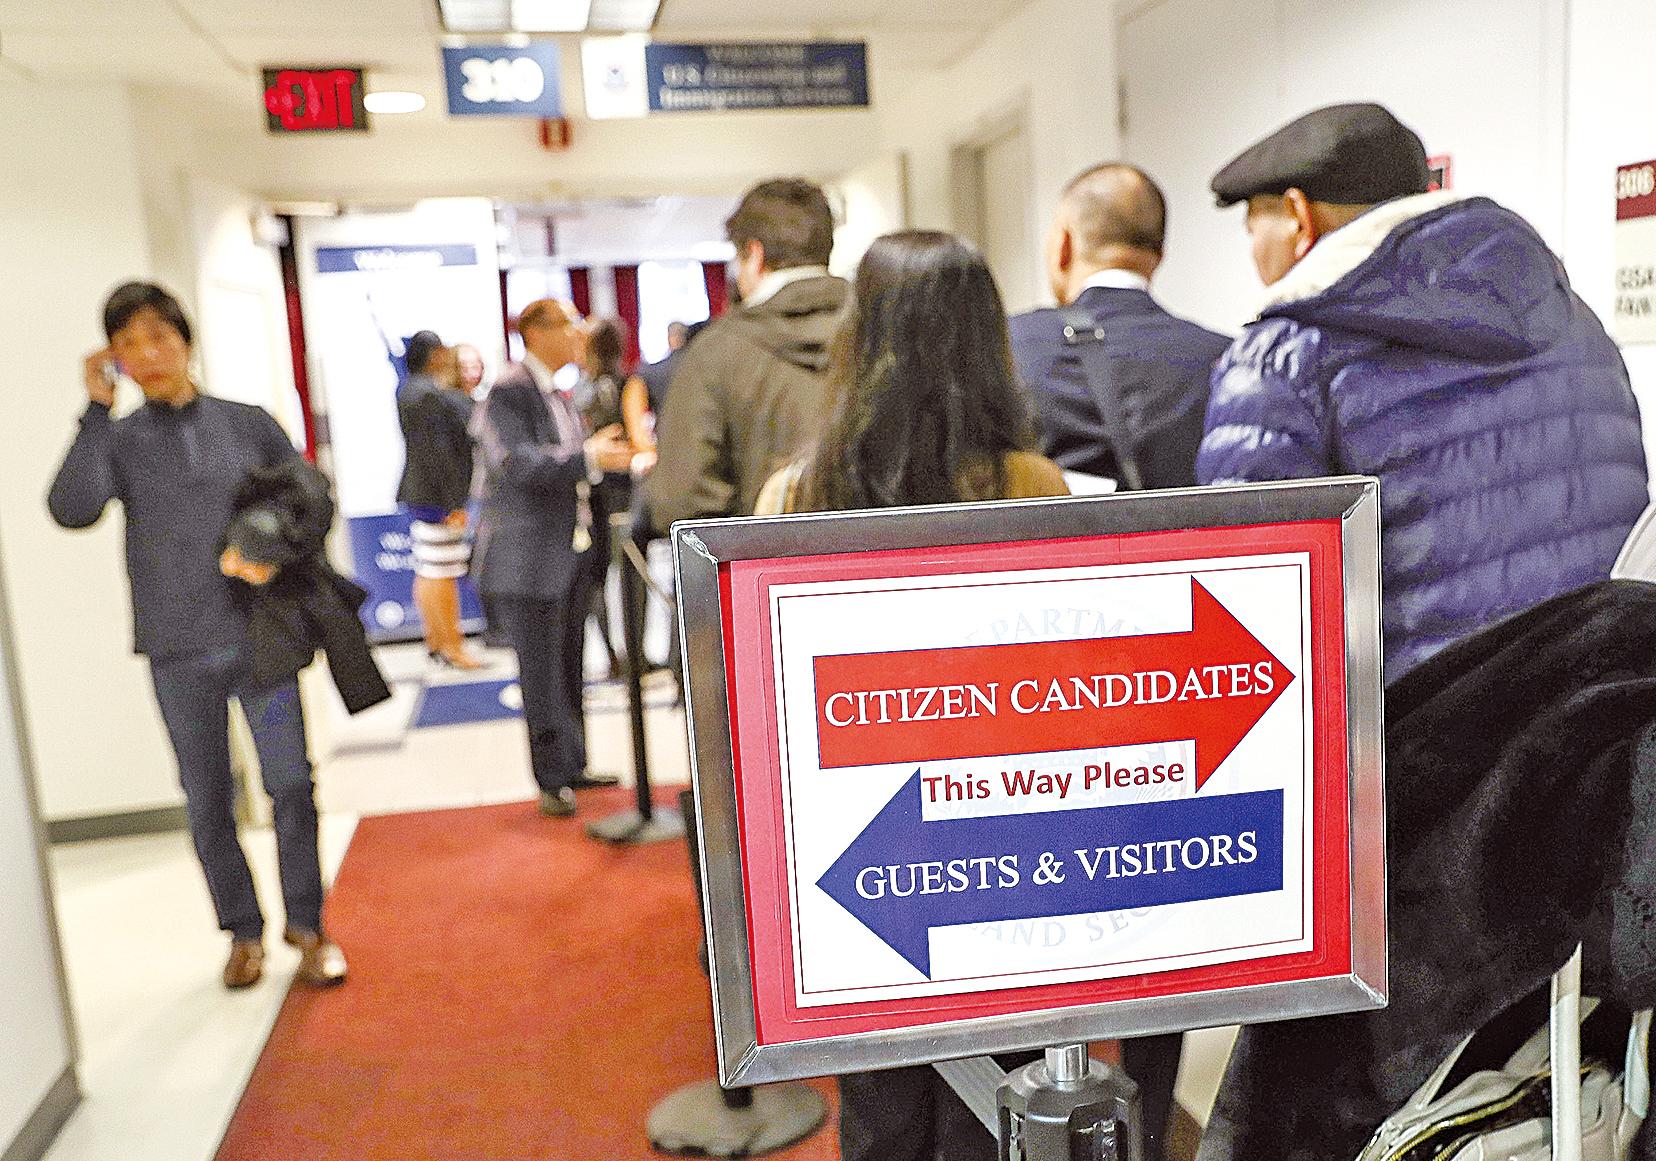 人口普查詢問公民身份是否利大於弊引發爭議。圖為今年2月紐約一個新公民宣誓儀式的現場。(John Moore/Getty Images)